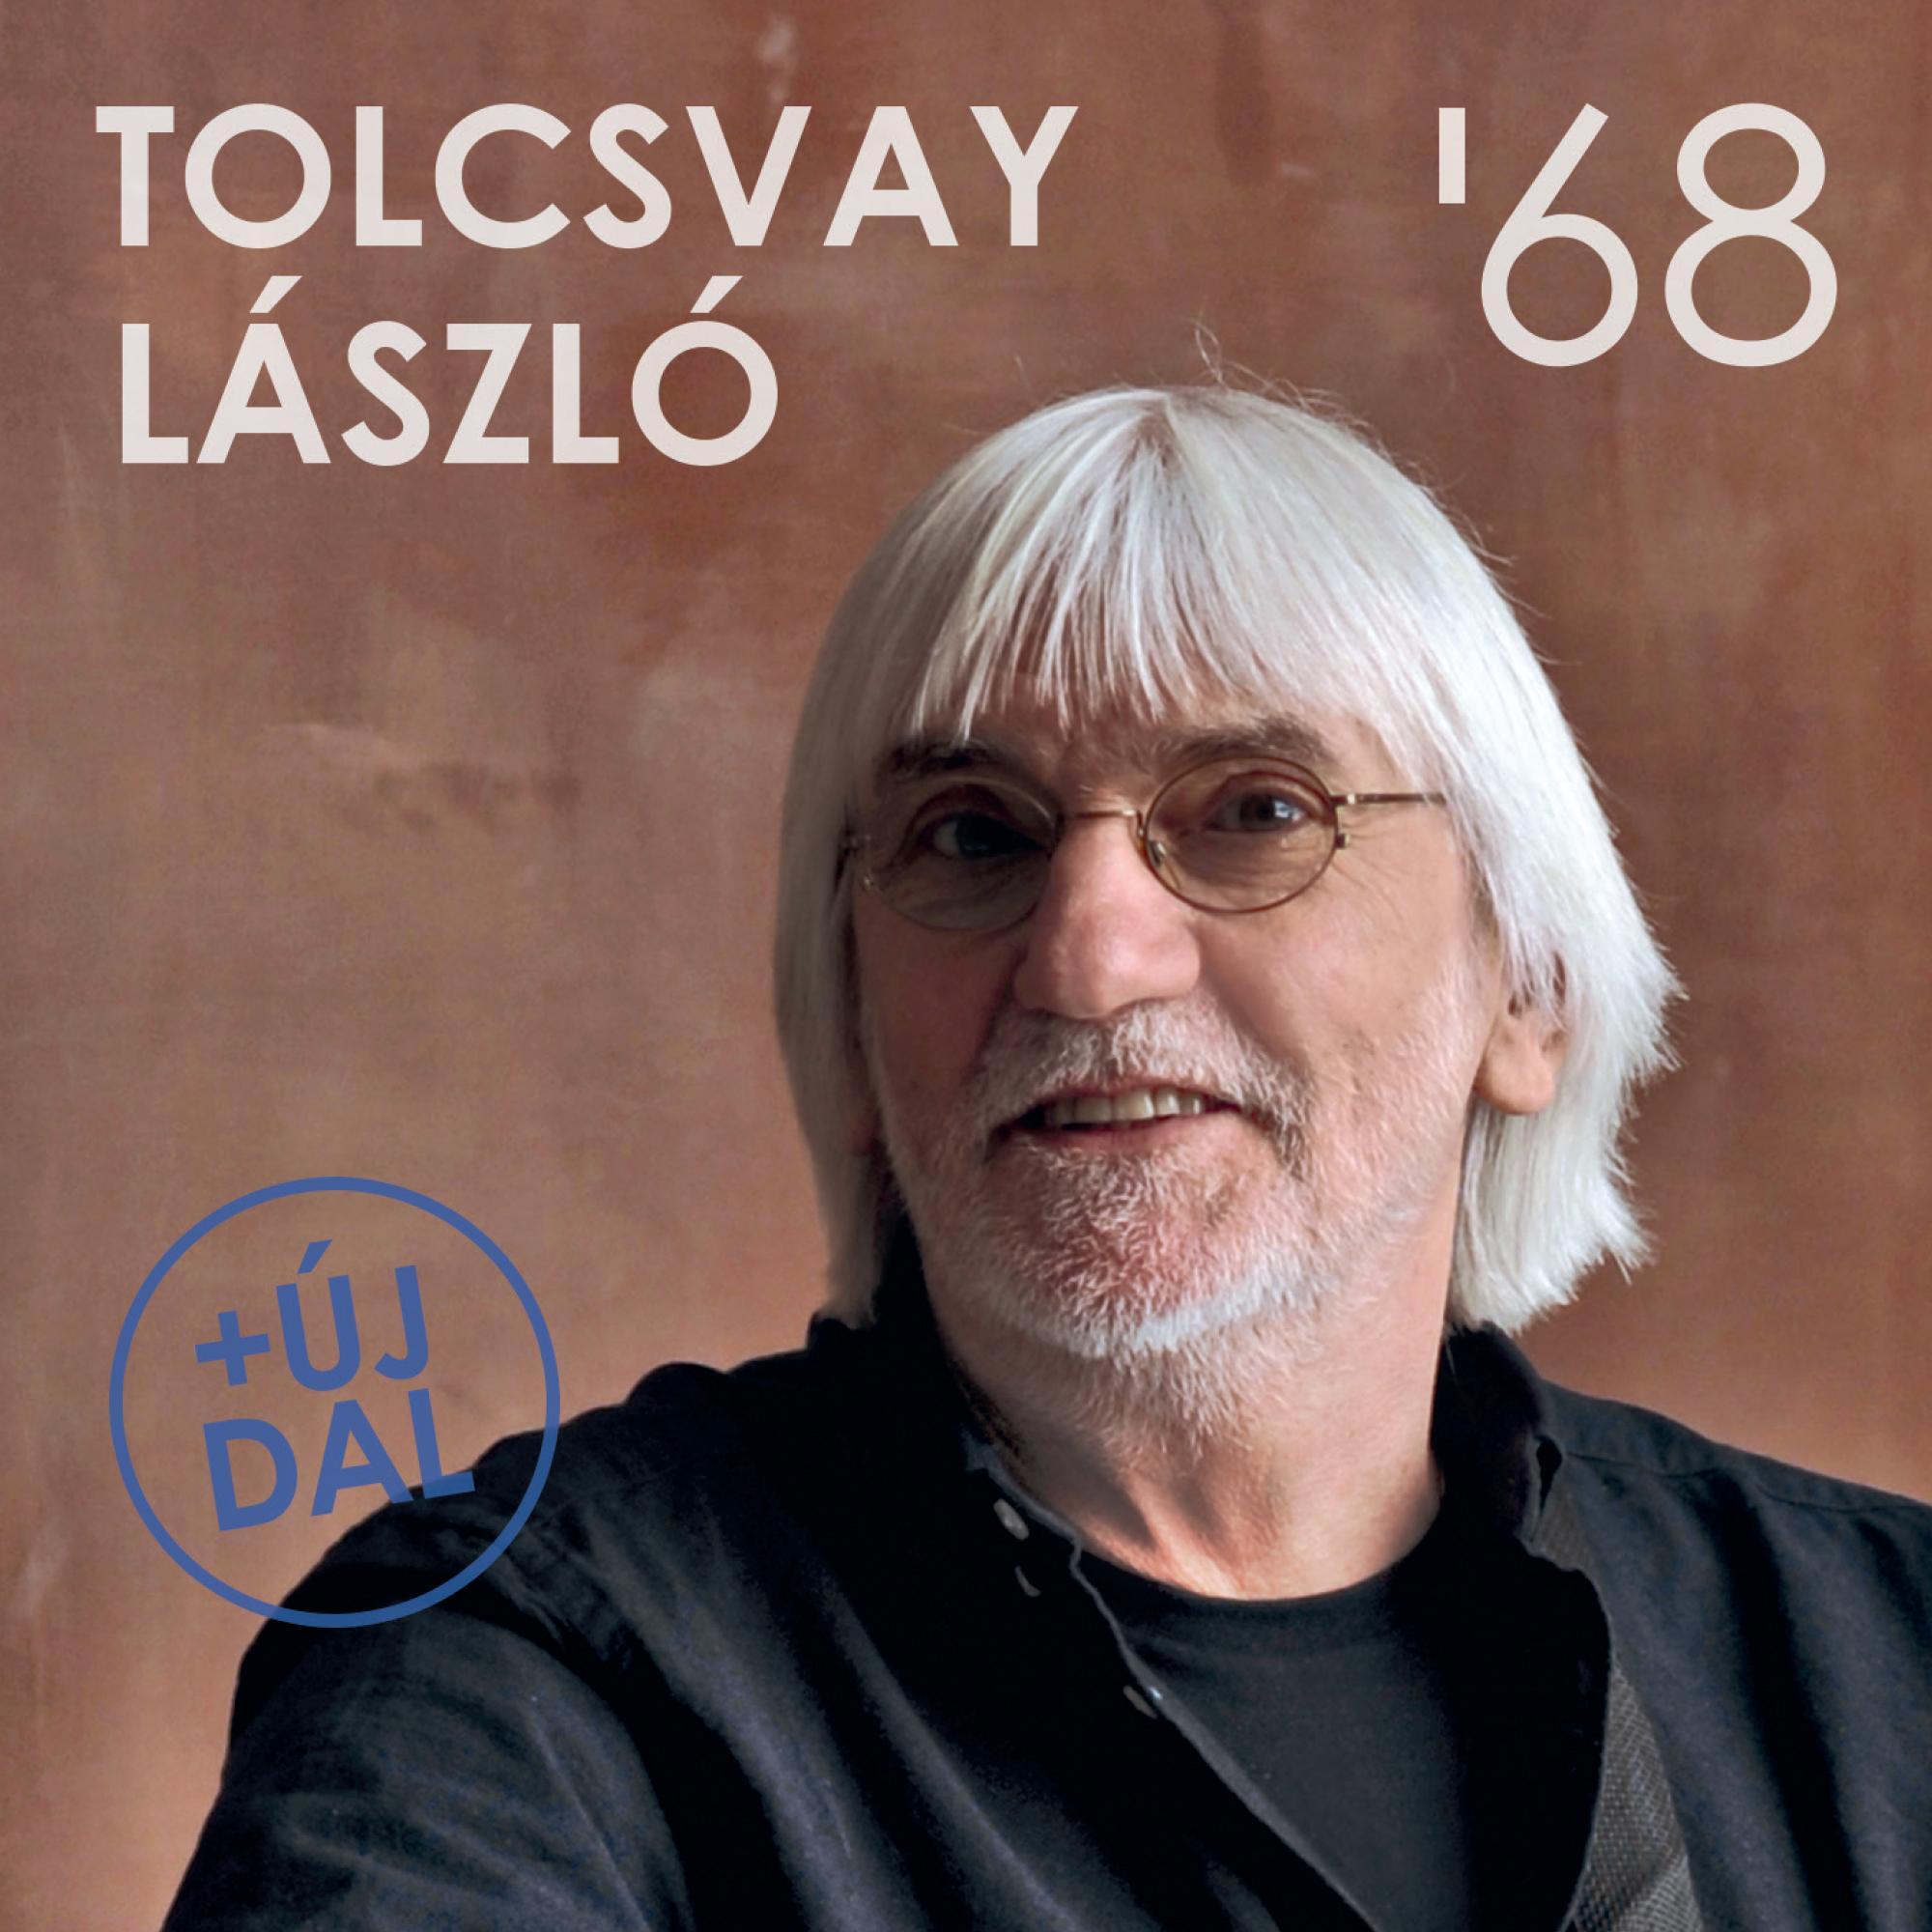 TOLCSVAY LÁSZLÓ - TOLCSVAY LÁSZLÓ '68 - CD -